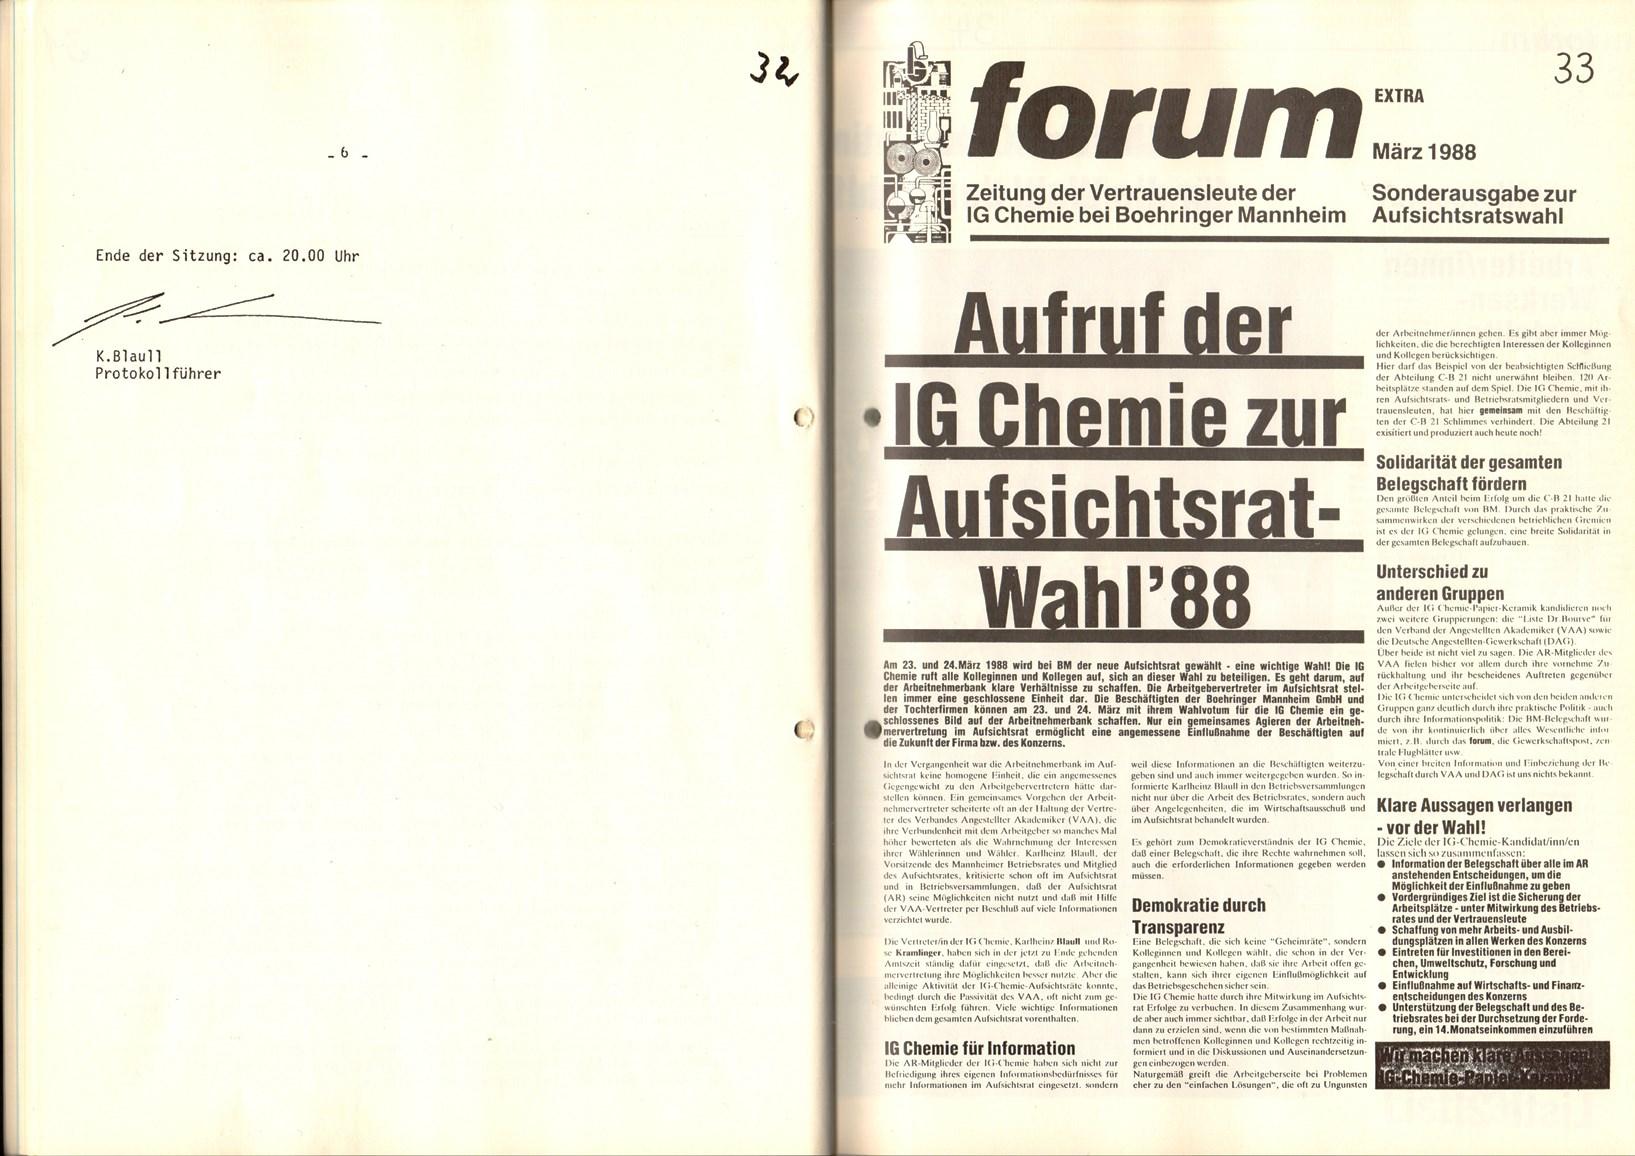 Mannheim_Boehringer_Ausschluss_VKL_Doku1_1988_37